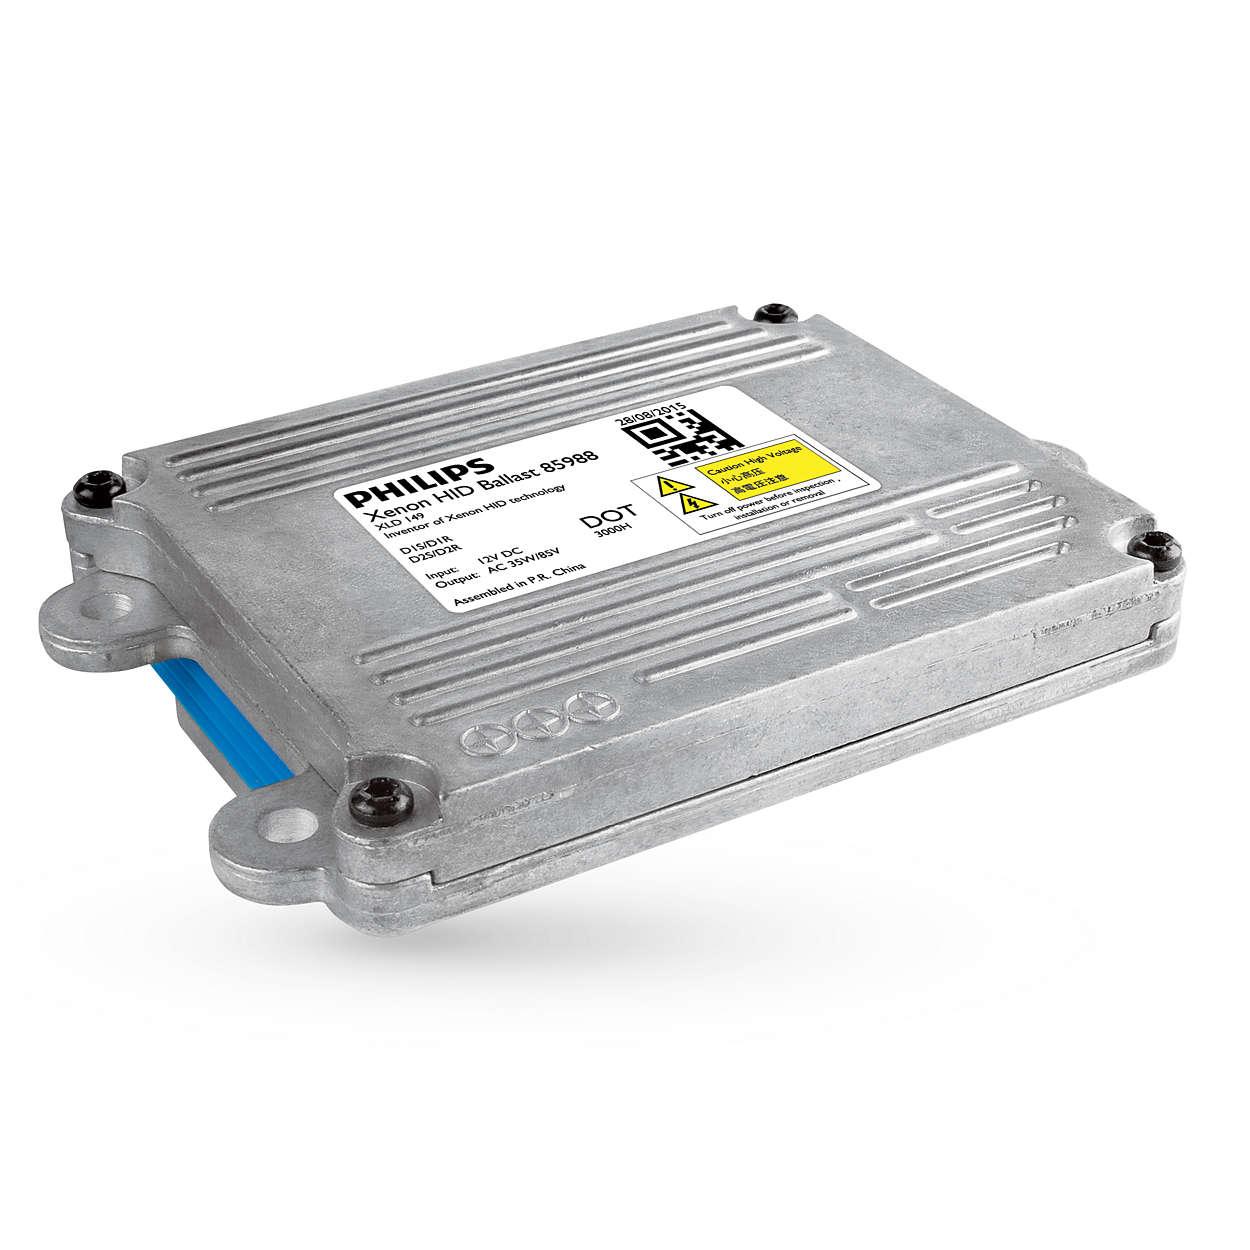 原装设备质量,Xenon HID 车头灯升级